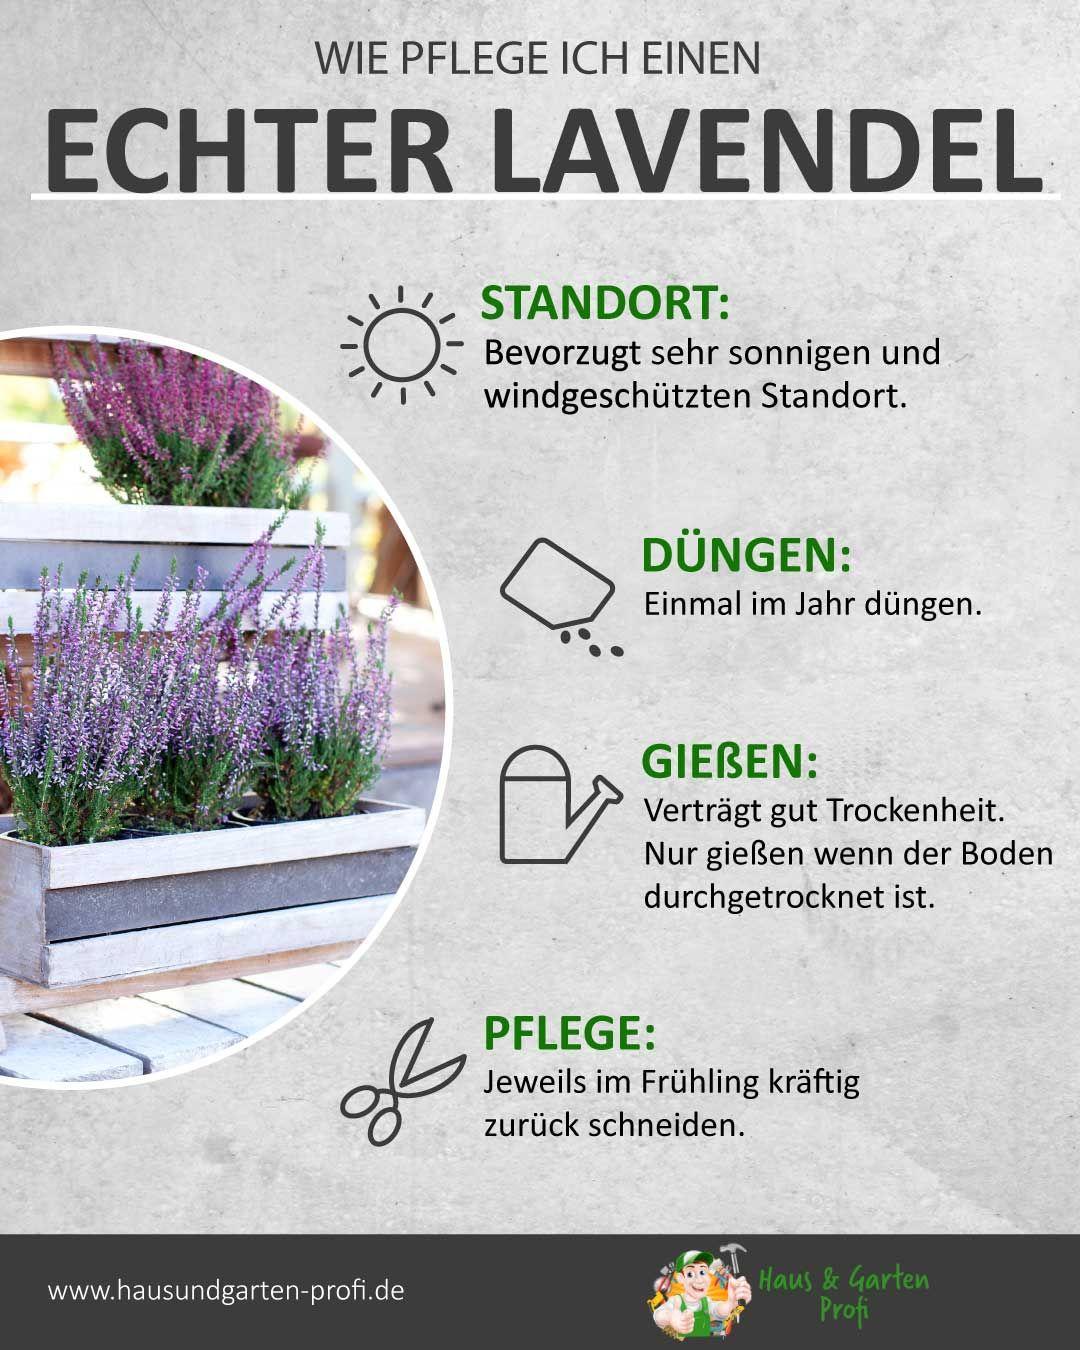 Der echte Lavendel Tricks und Tipps zum Thema: (Pflege, Gießen, Düngen, Standort)